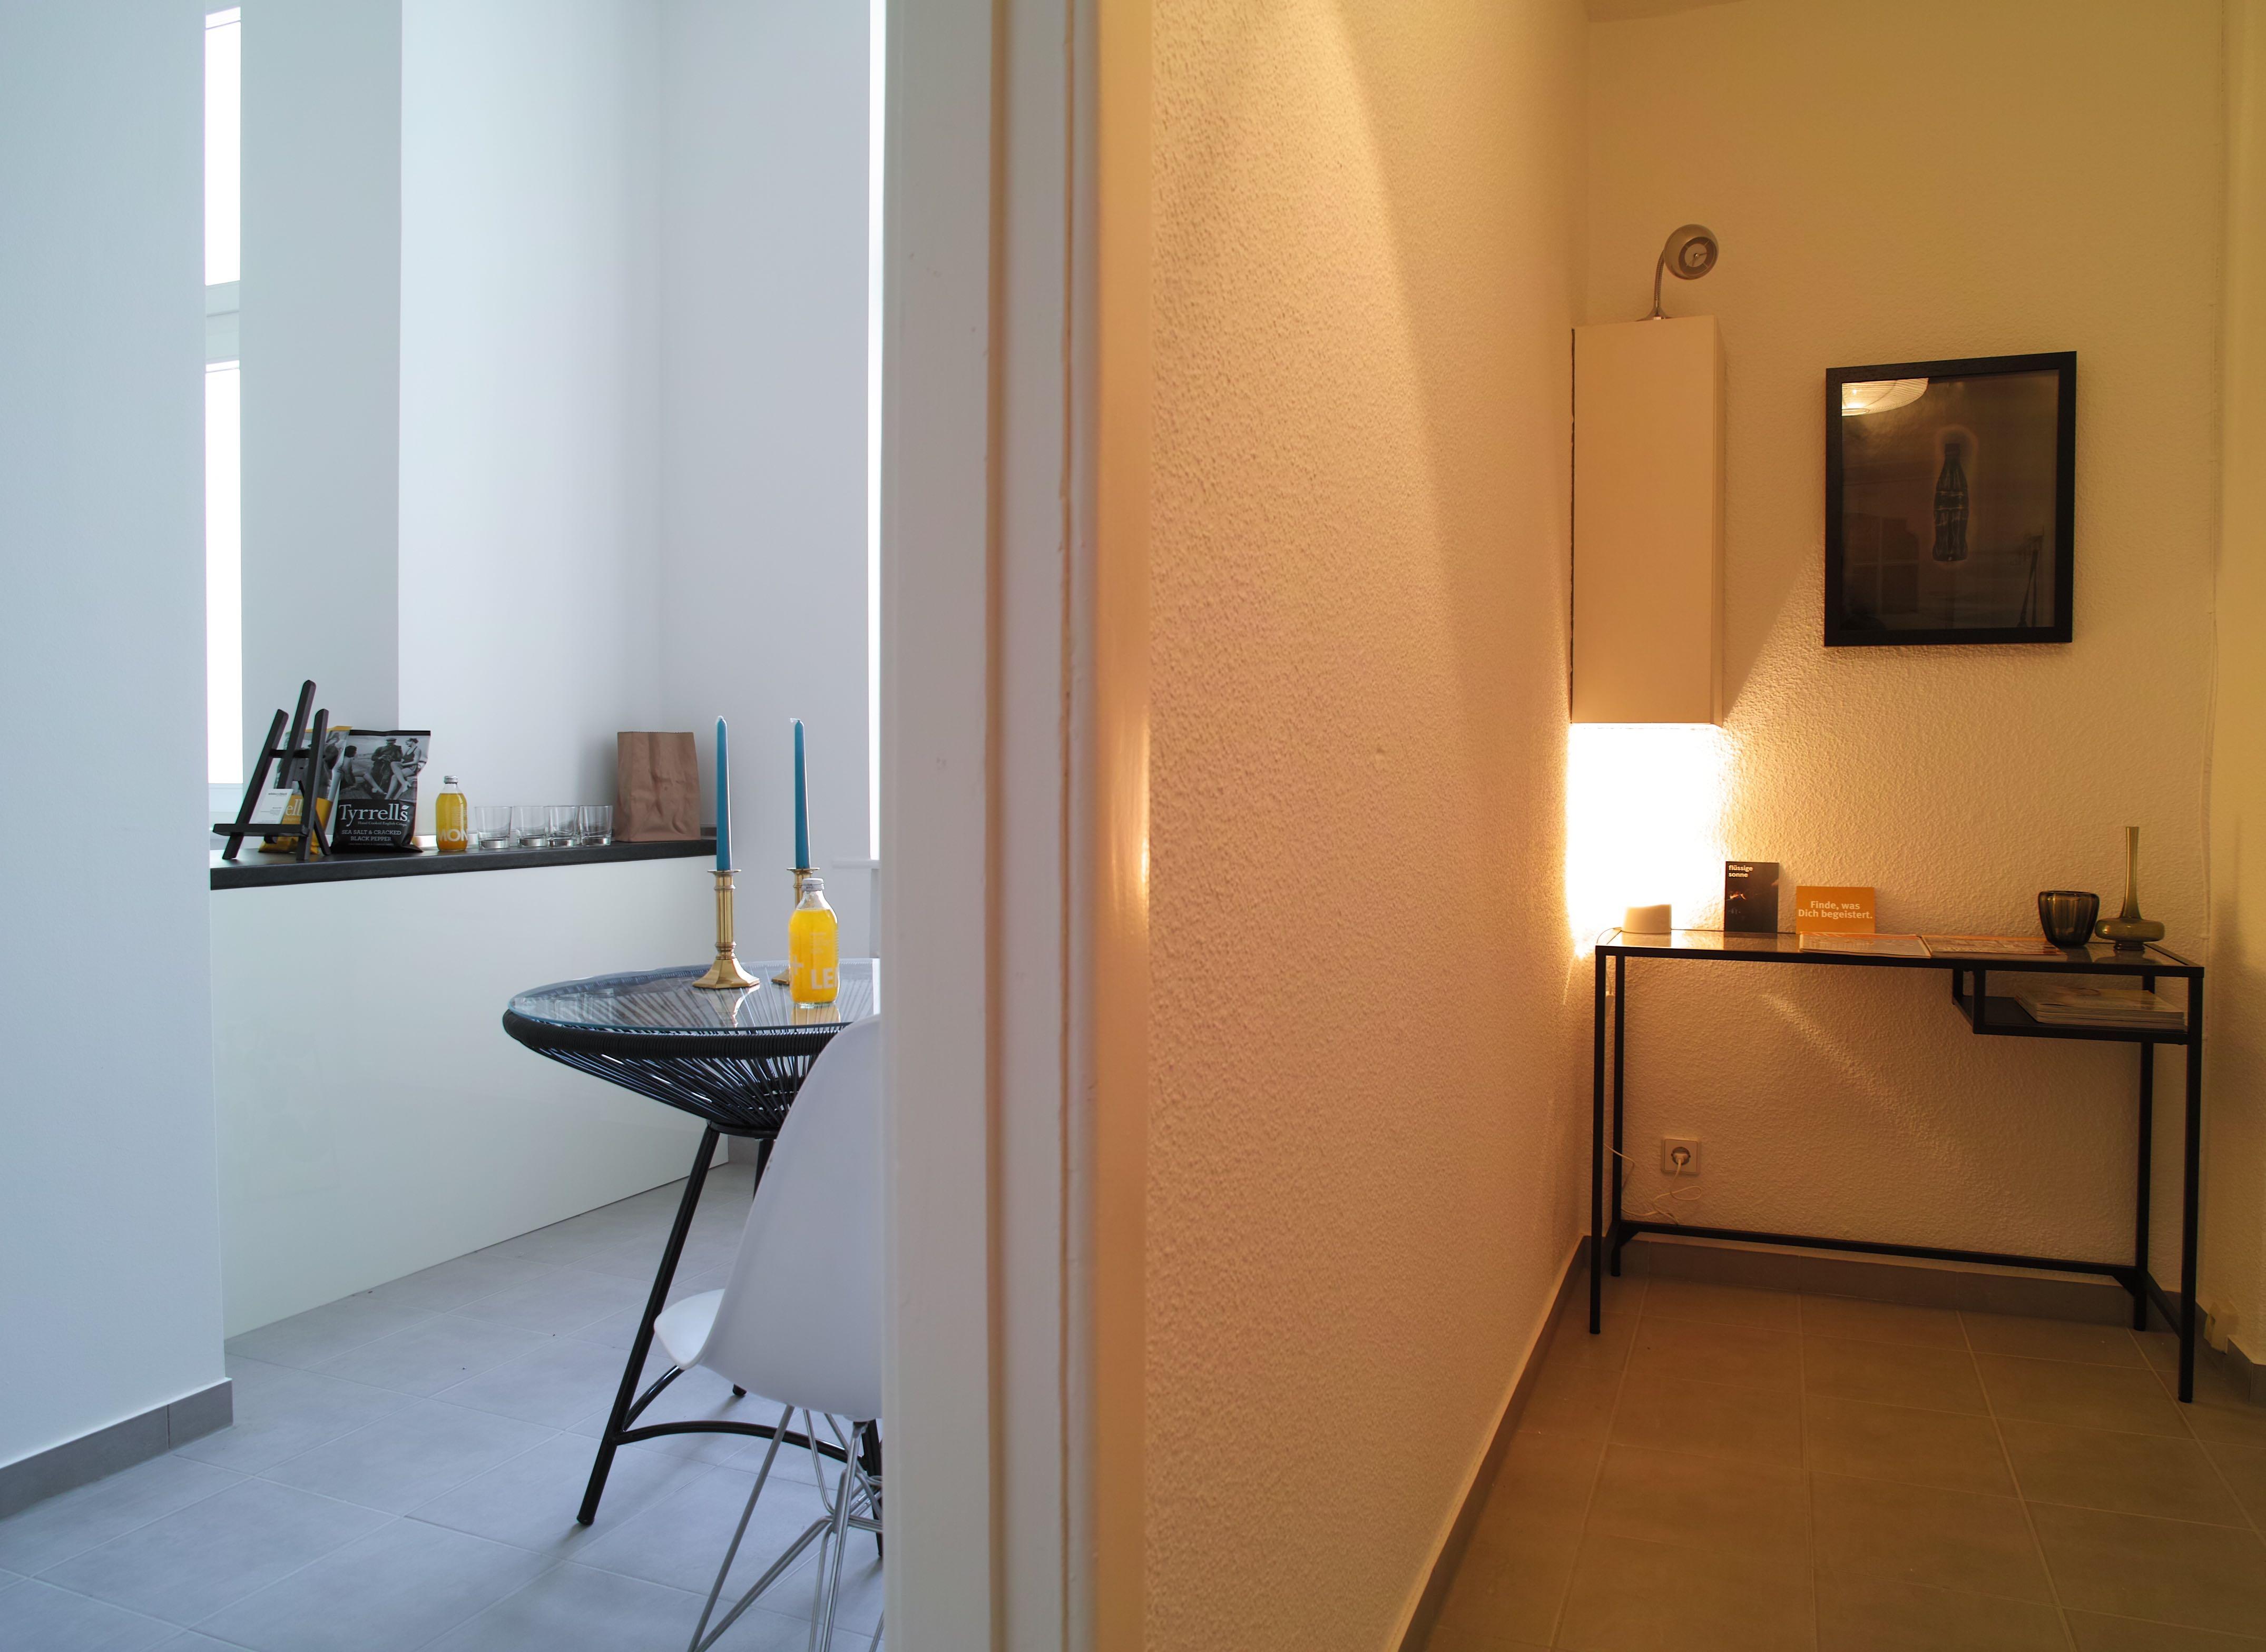 impressions staging berlin. Black Bedroom Furniture Sets. Home Design Ideas